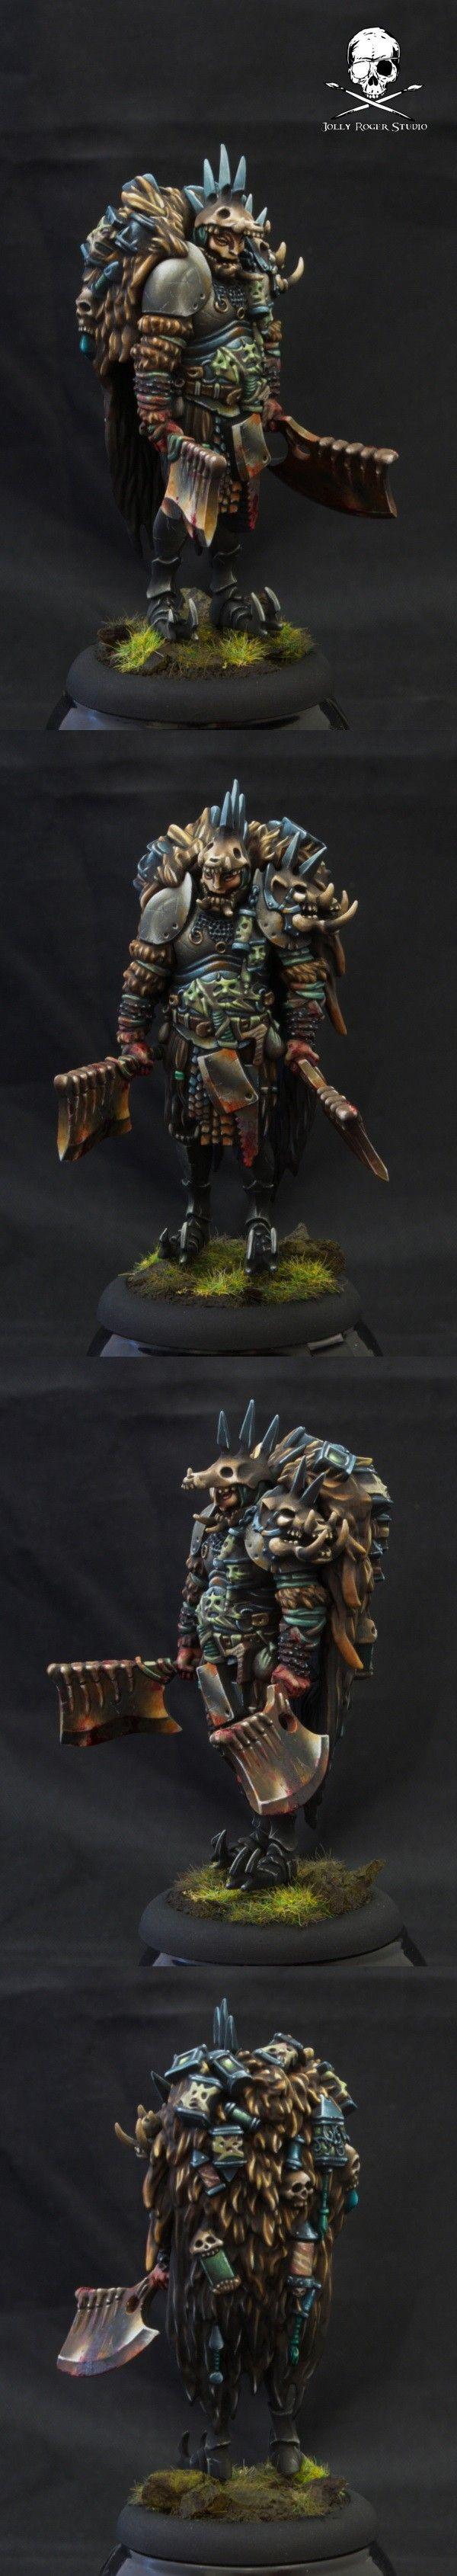 54 best Kingdom Death: Monster images on Pinterest | Miniatures ...